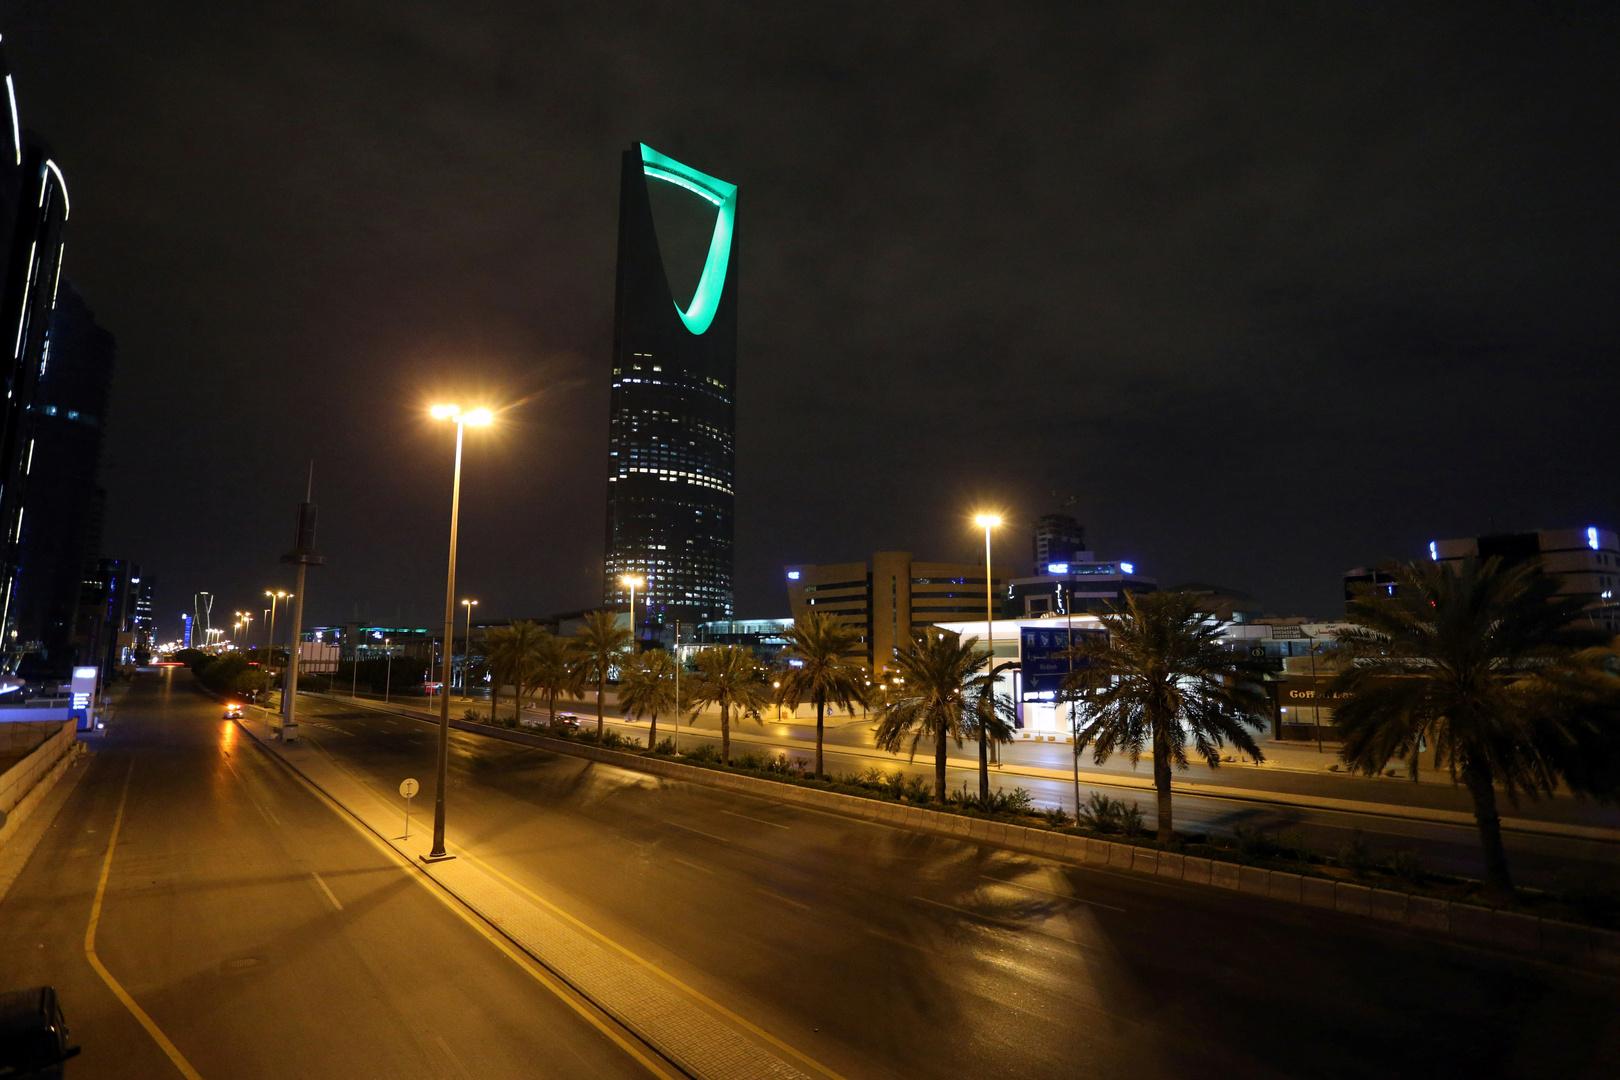 السعودية.. إحباط تهريب كميات كبيرة من المواد المخدرة إلى المملكة (فيديو)